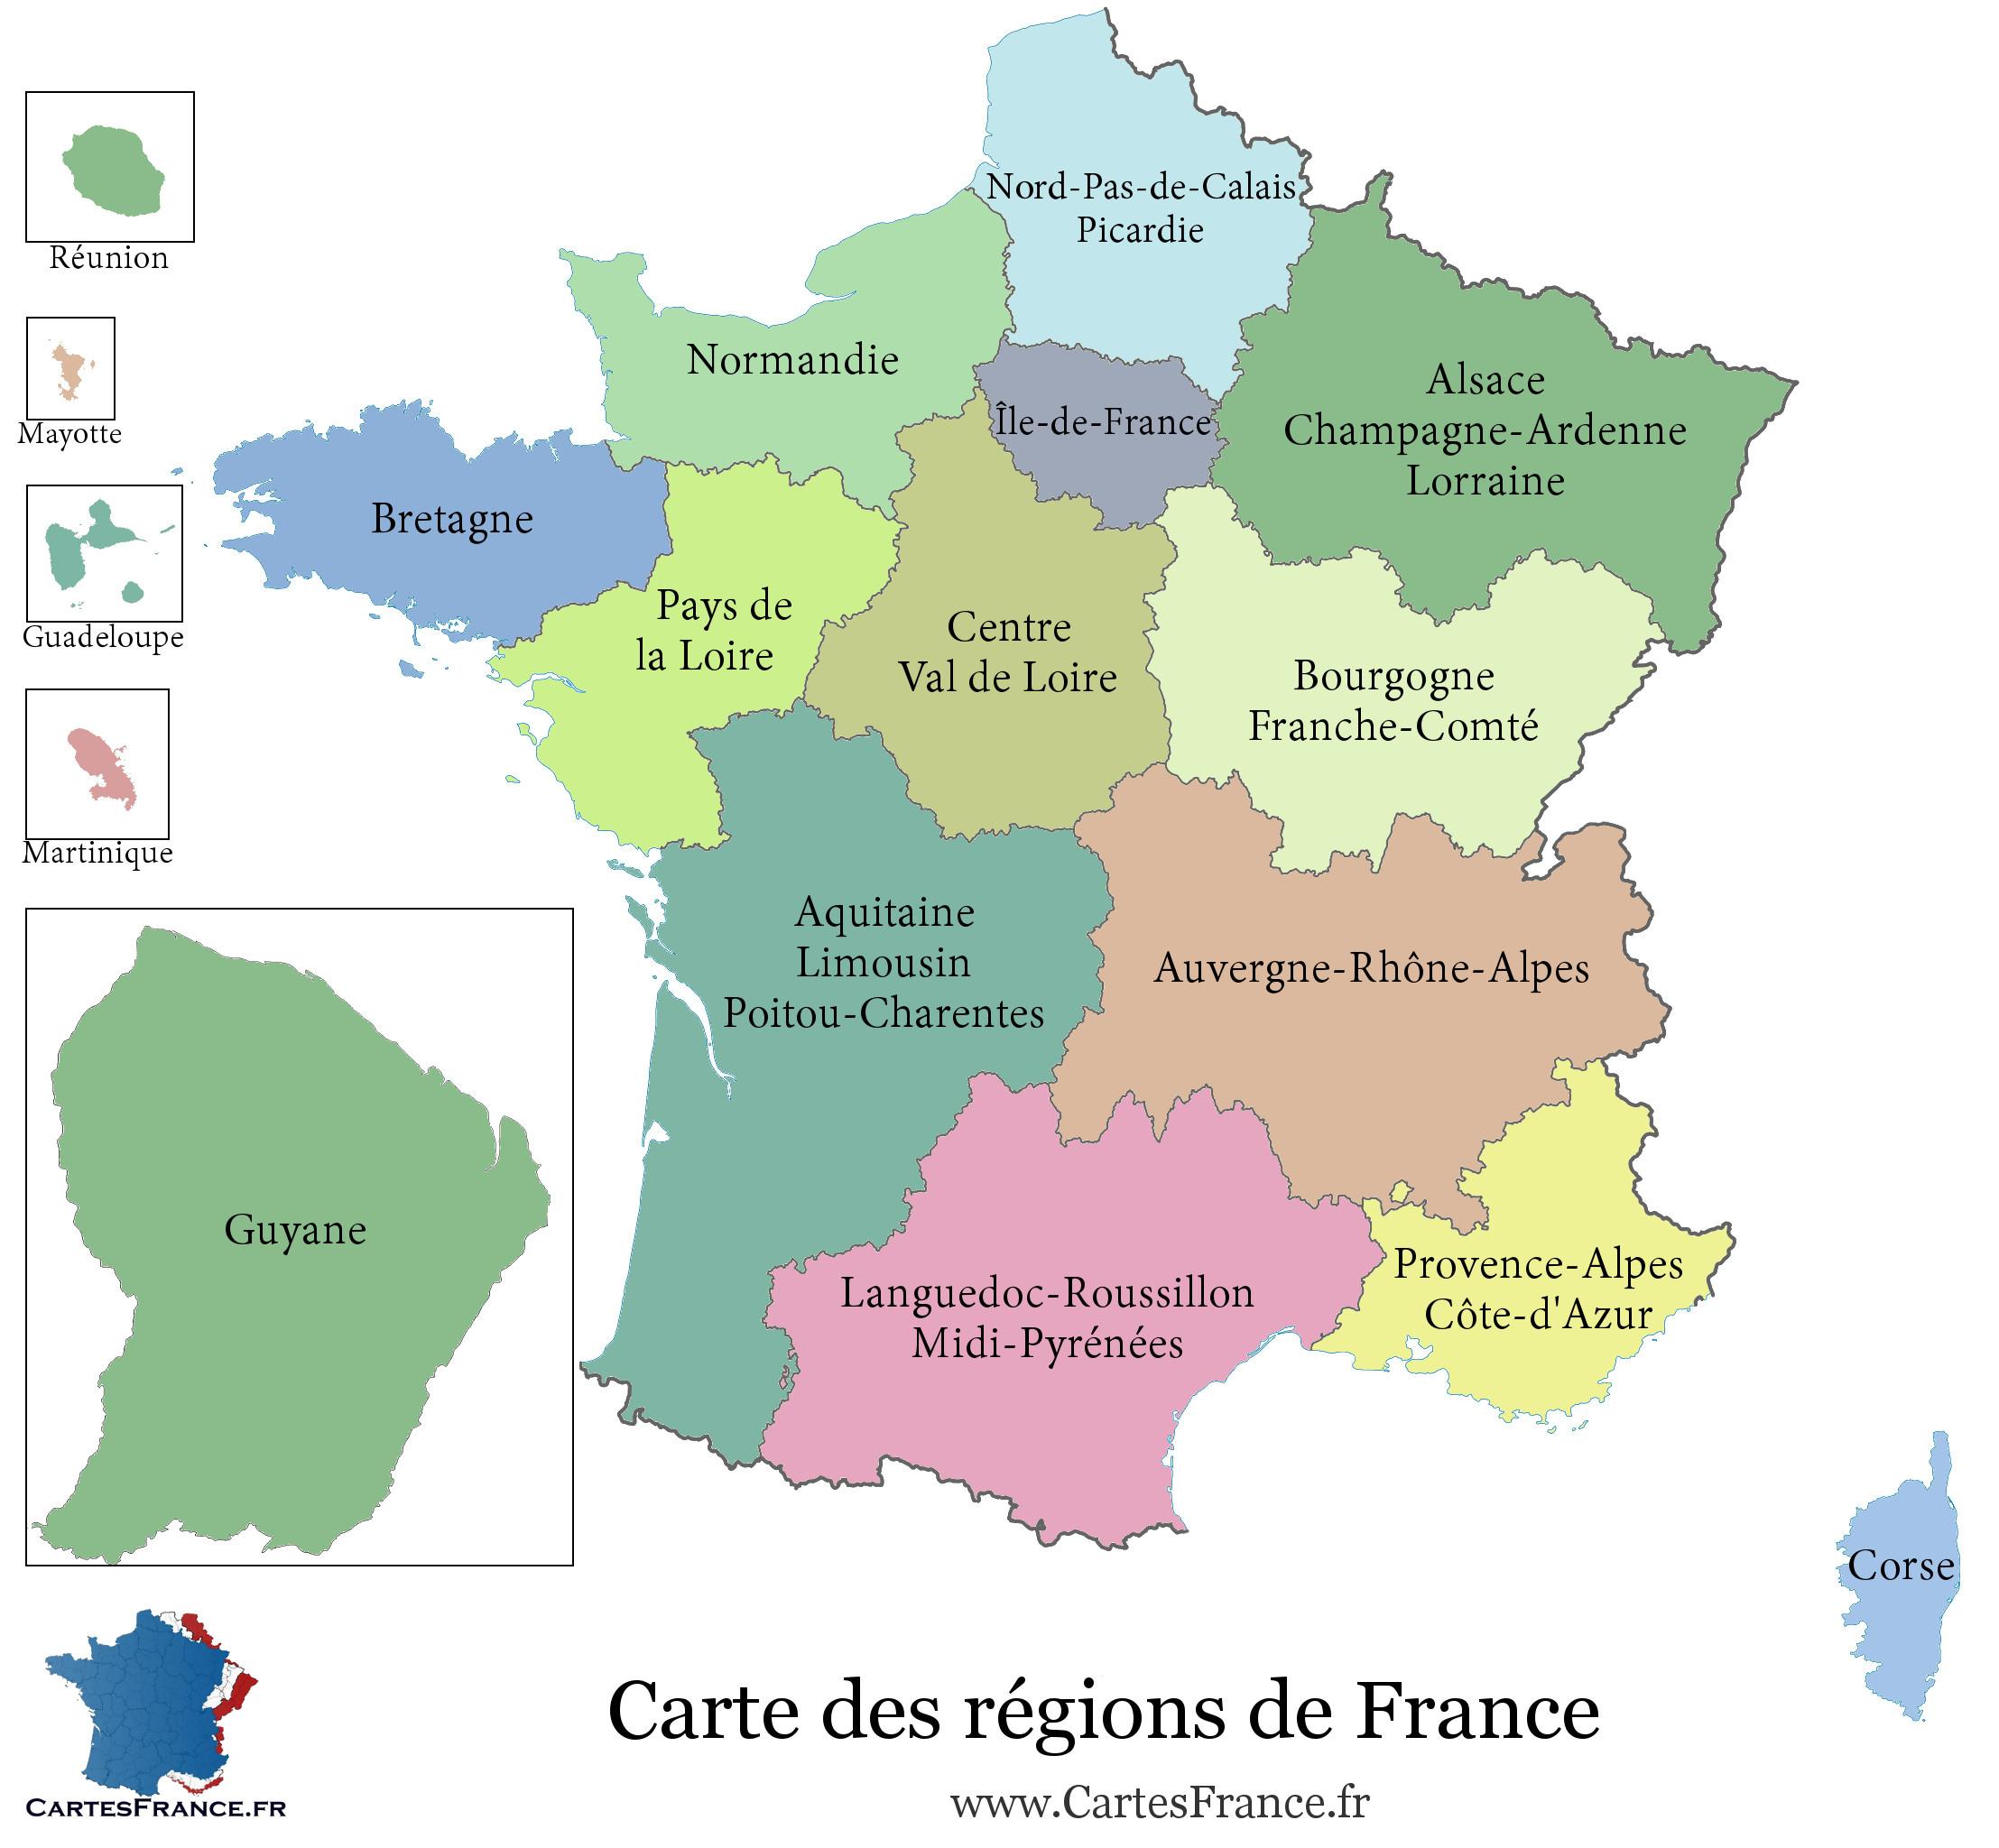 Carte De France Region - Carte Des Régions Françaises tout Carte De France Par Régions Et Départements